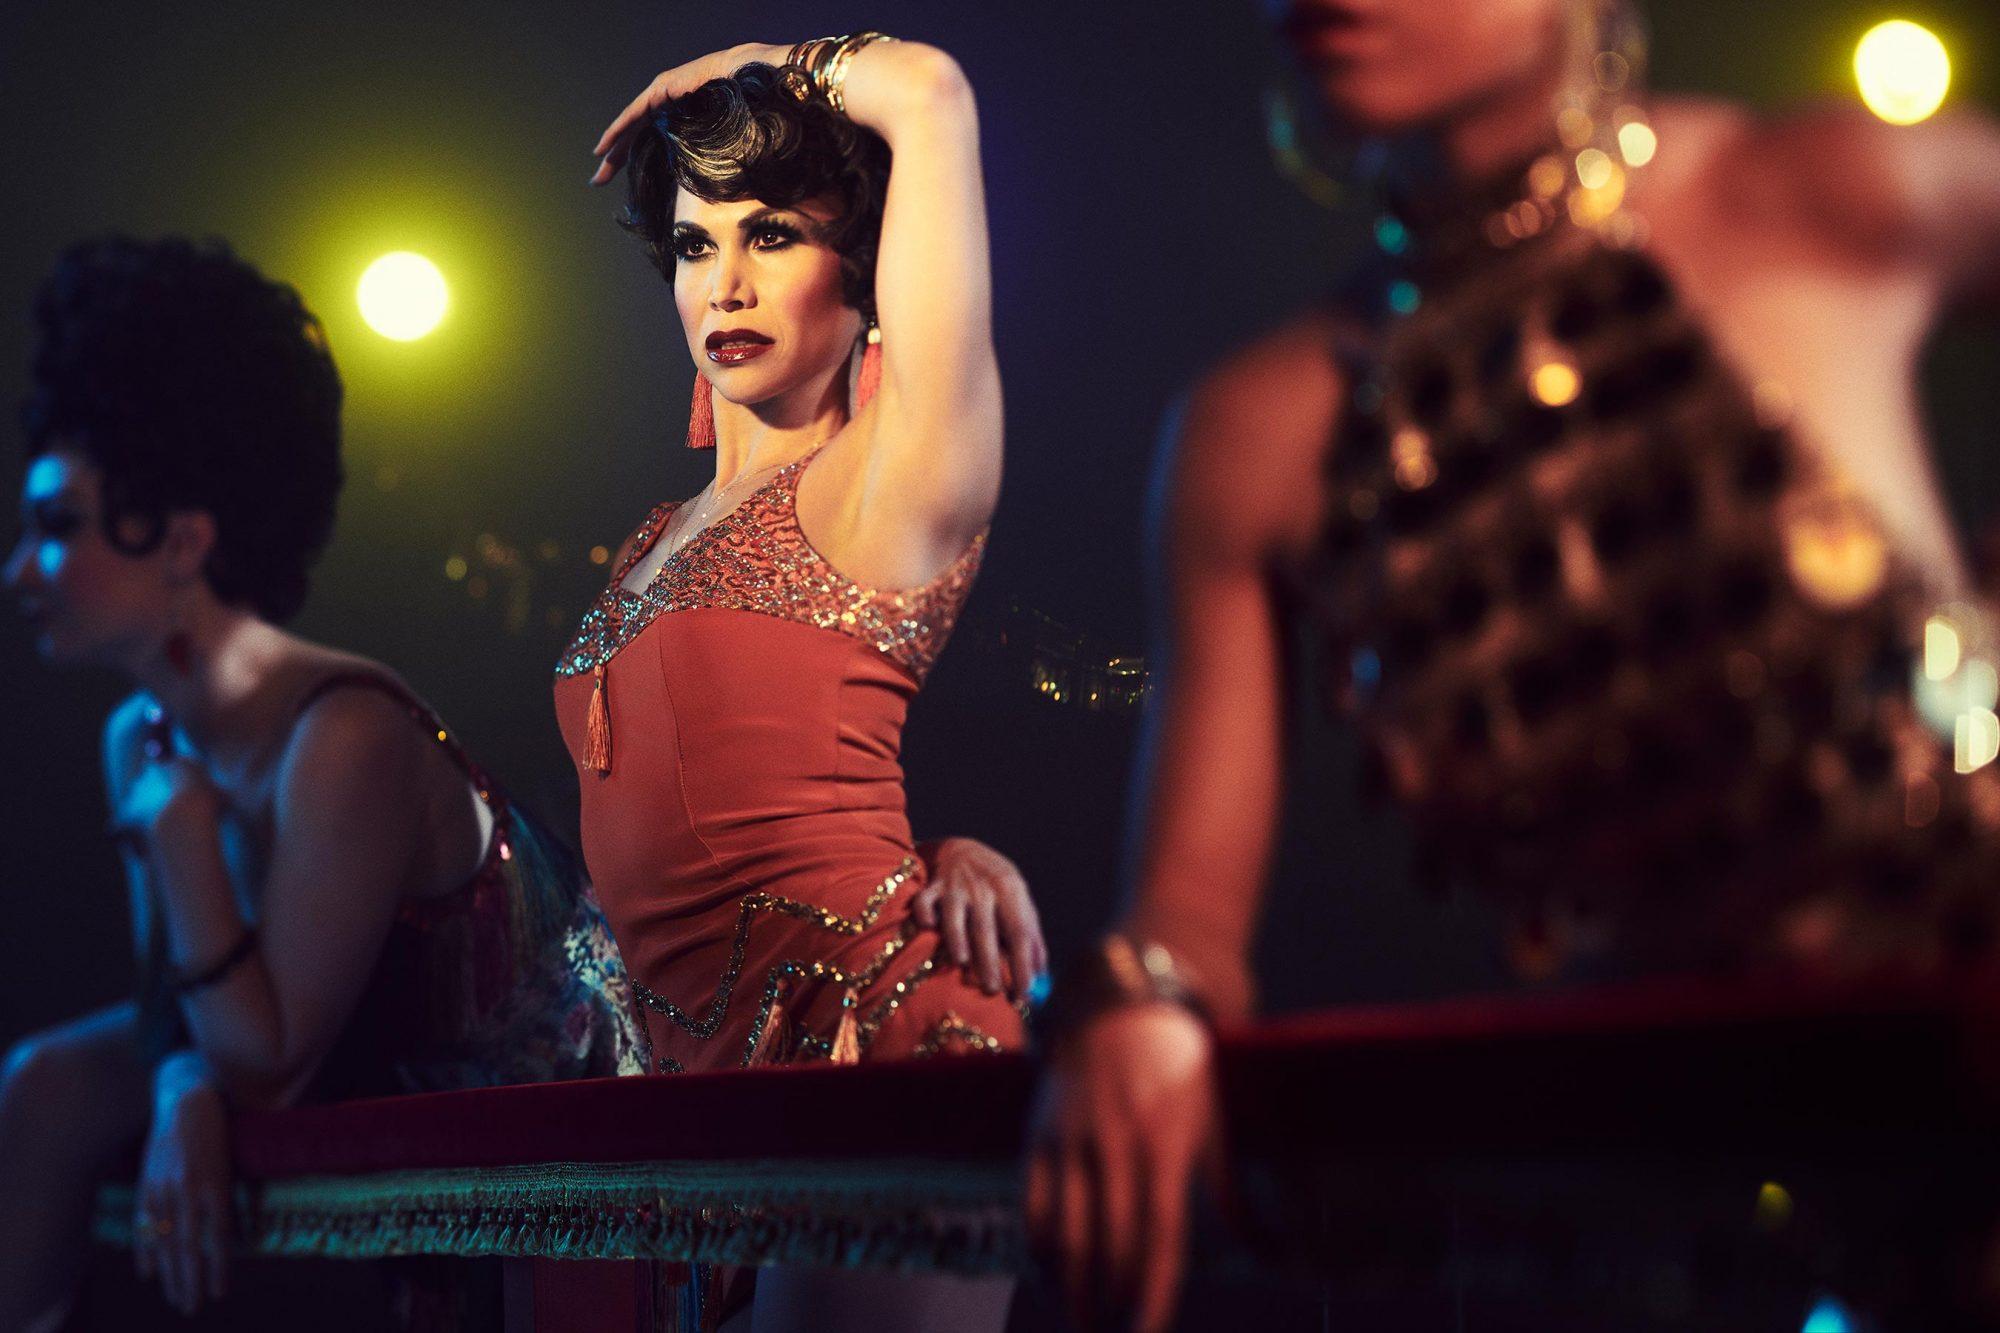 FOSSE VERDON -- Pictured: Bianca Marroquin as Chita Rivera. CR: Pari Dukovic/FX